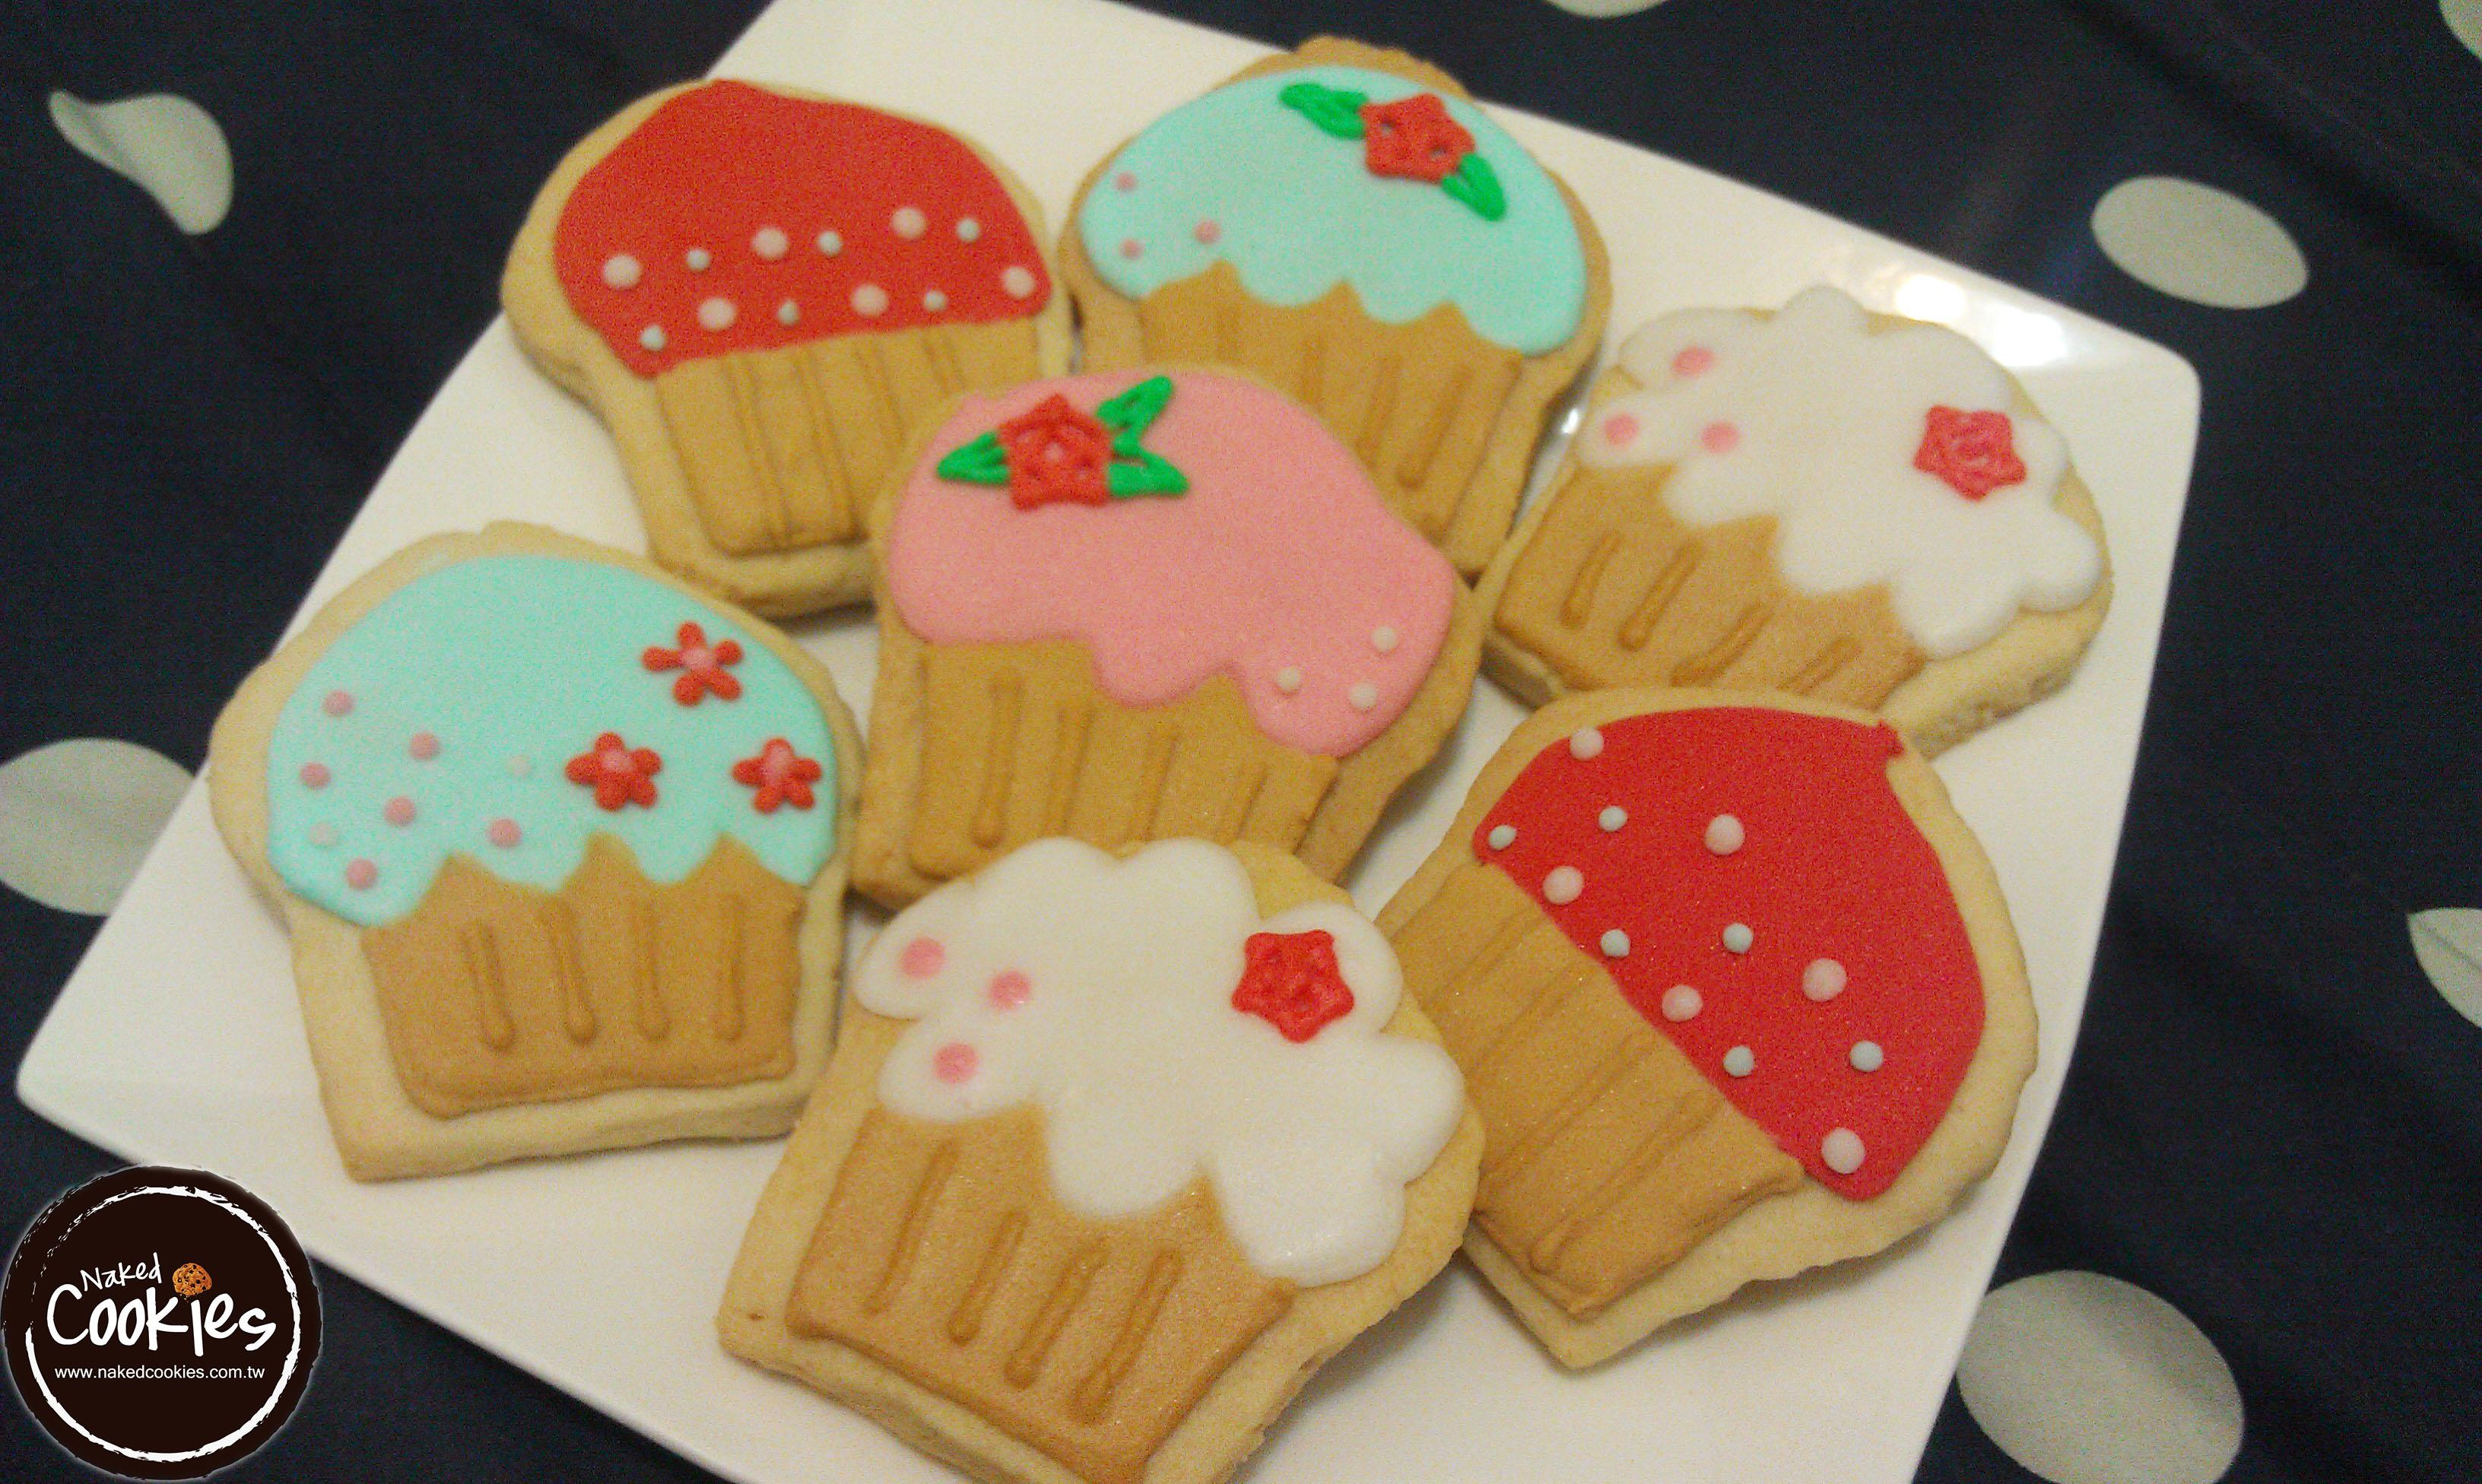 【裸餅乾Naked Cookies】下午茶主題-特殊客製6入-創意手工糖霜餅乾,婚禮/生日/活動/收涎/彌月